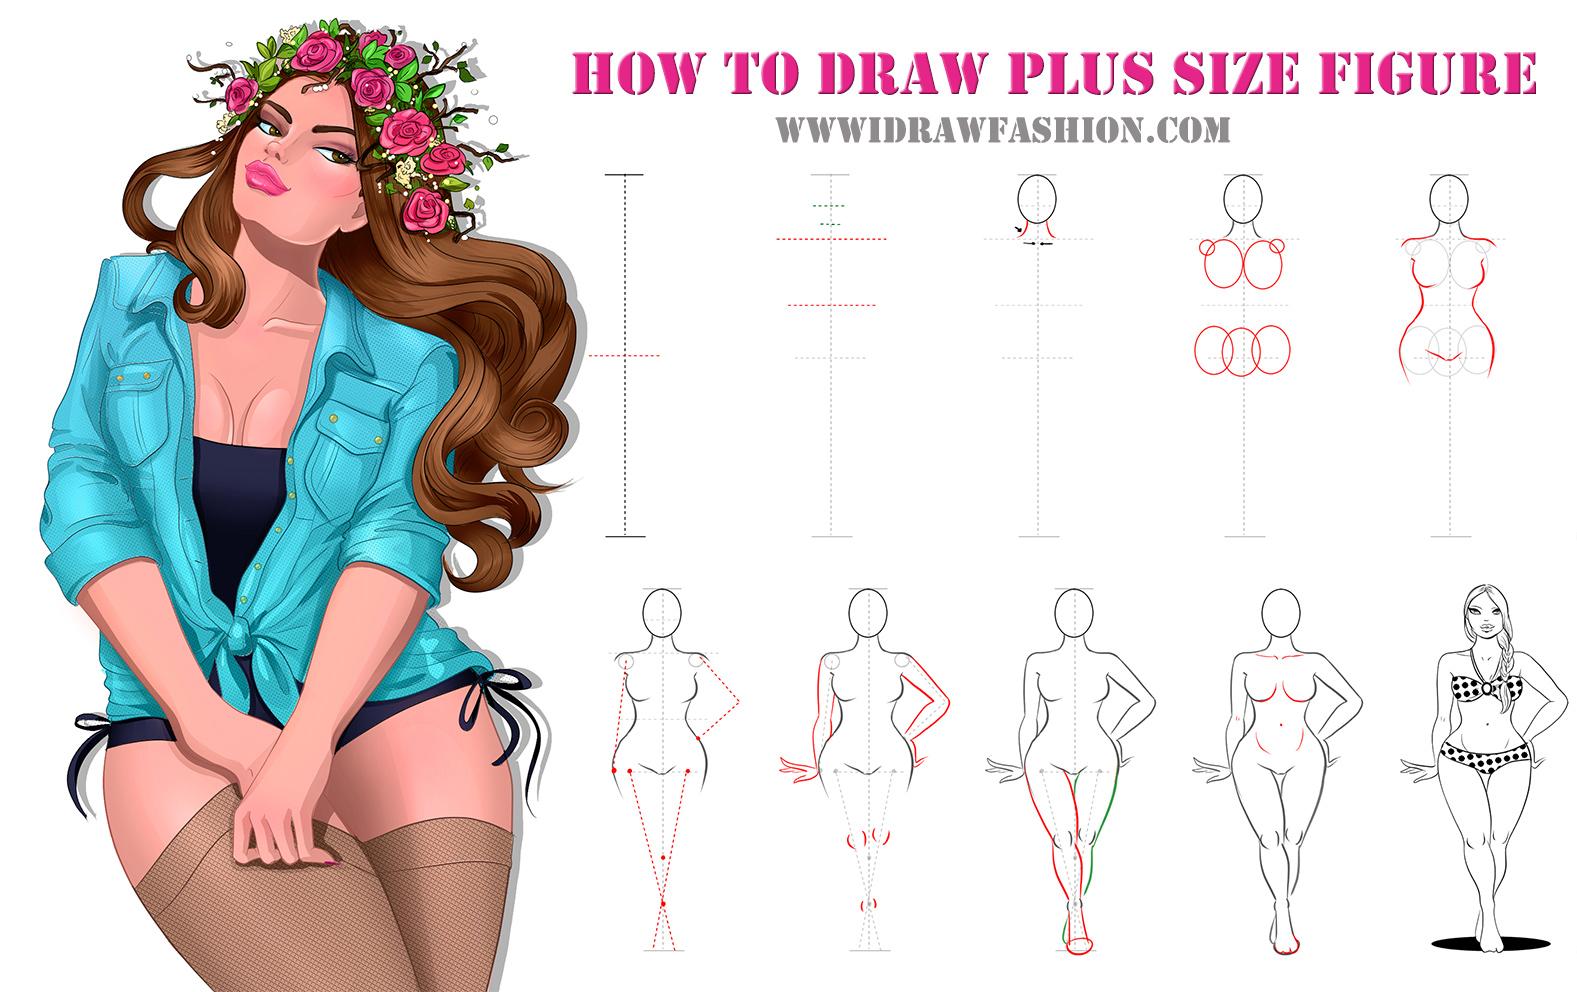 1577x992 How To Draw Plus Size Fashion Sketches Httpwww.idrawfashion